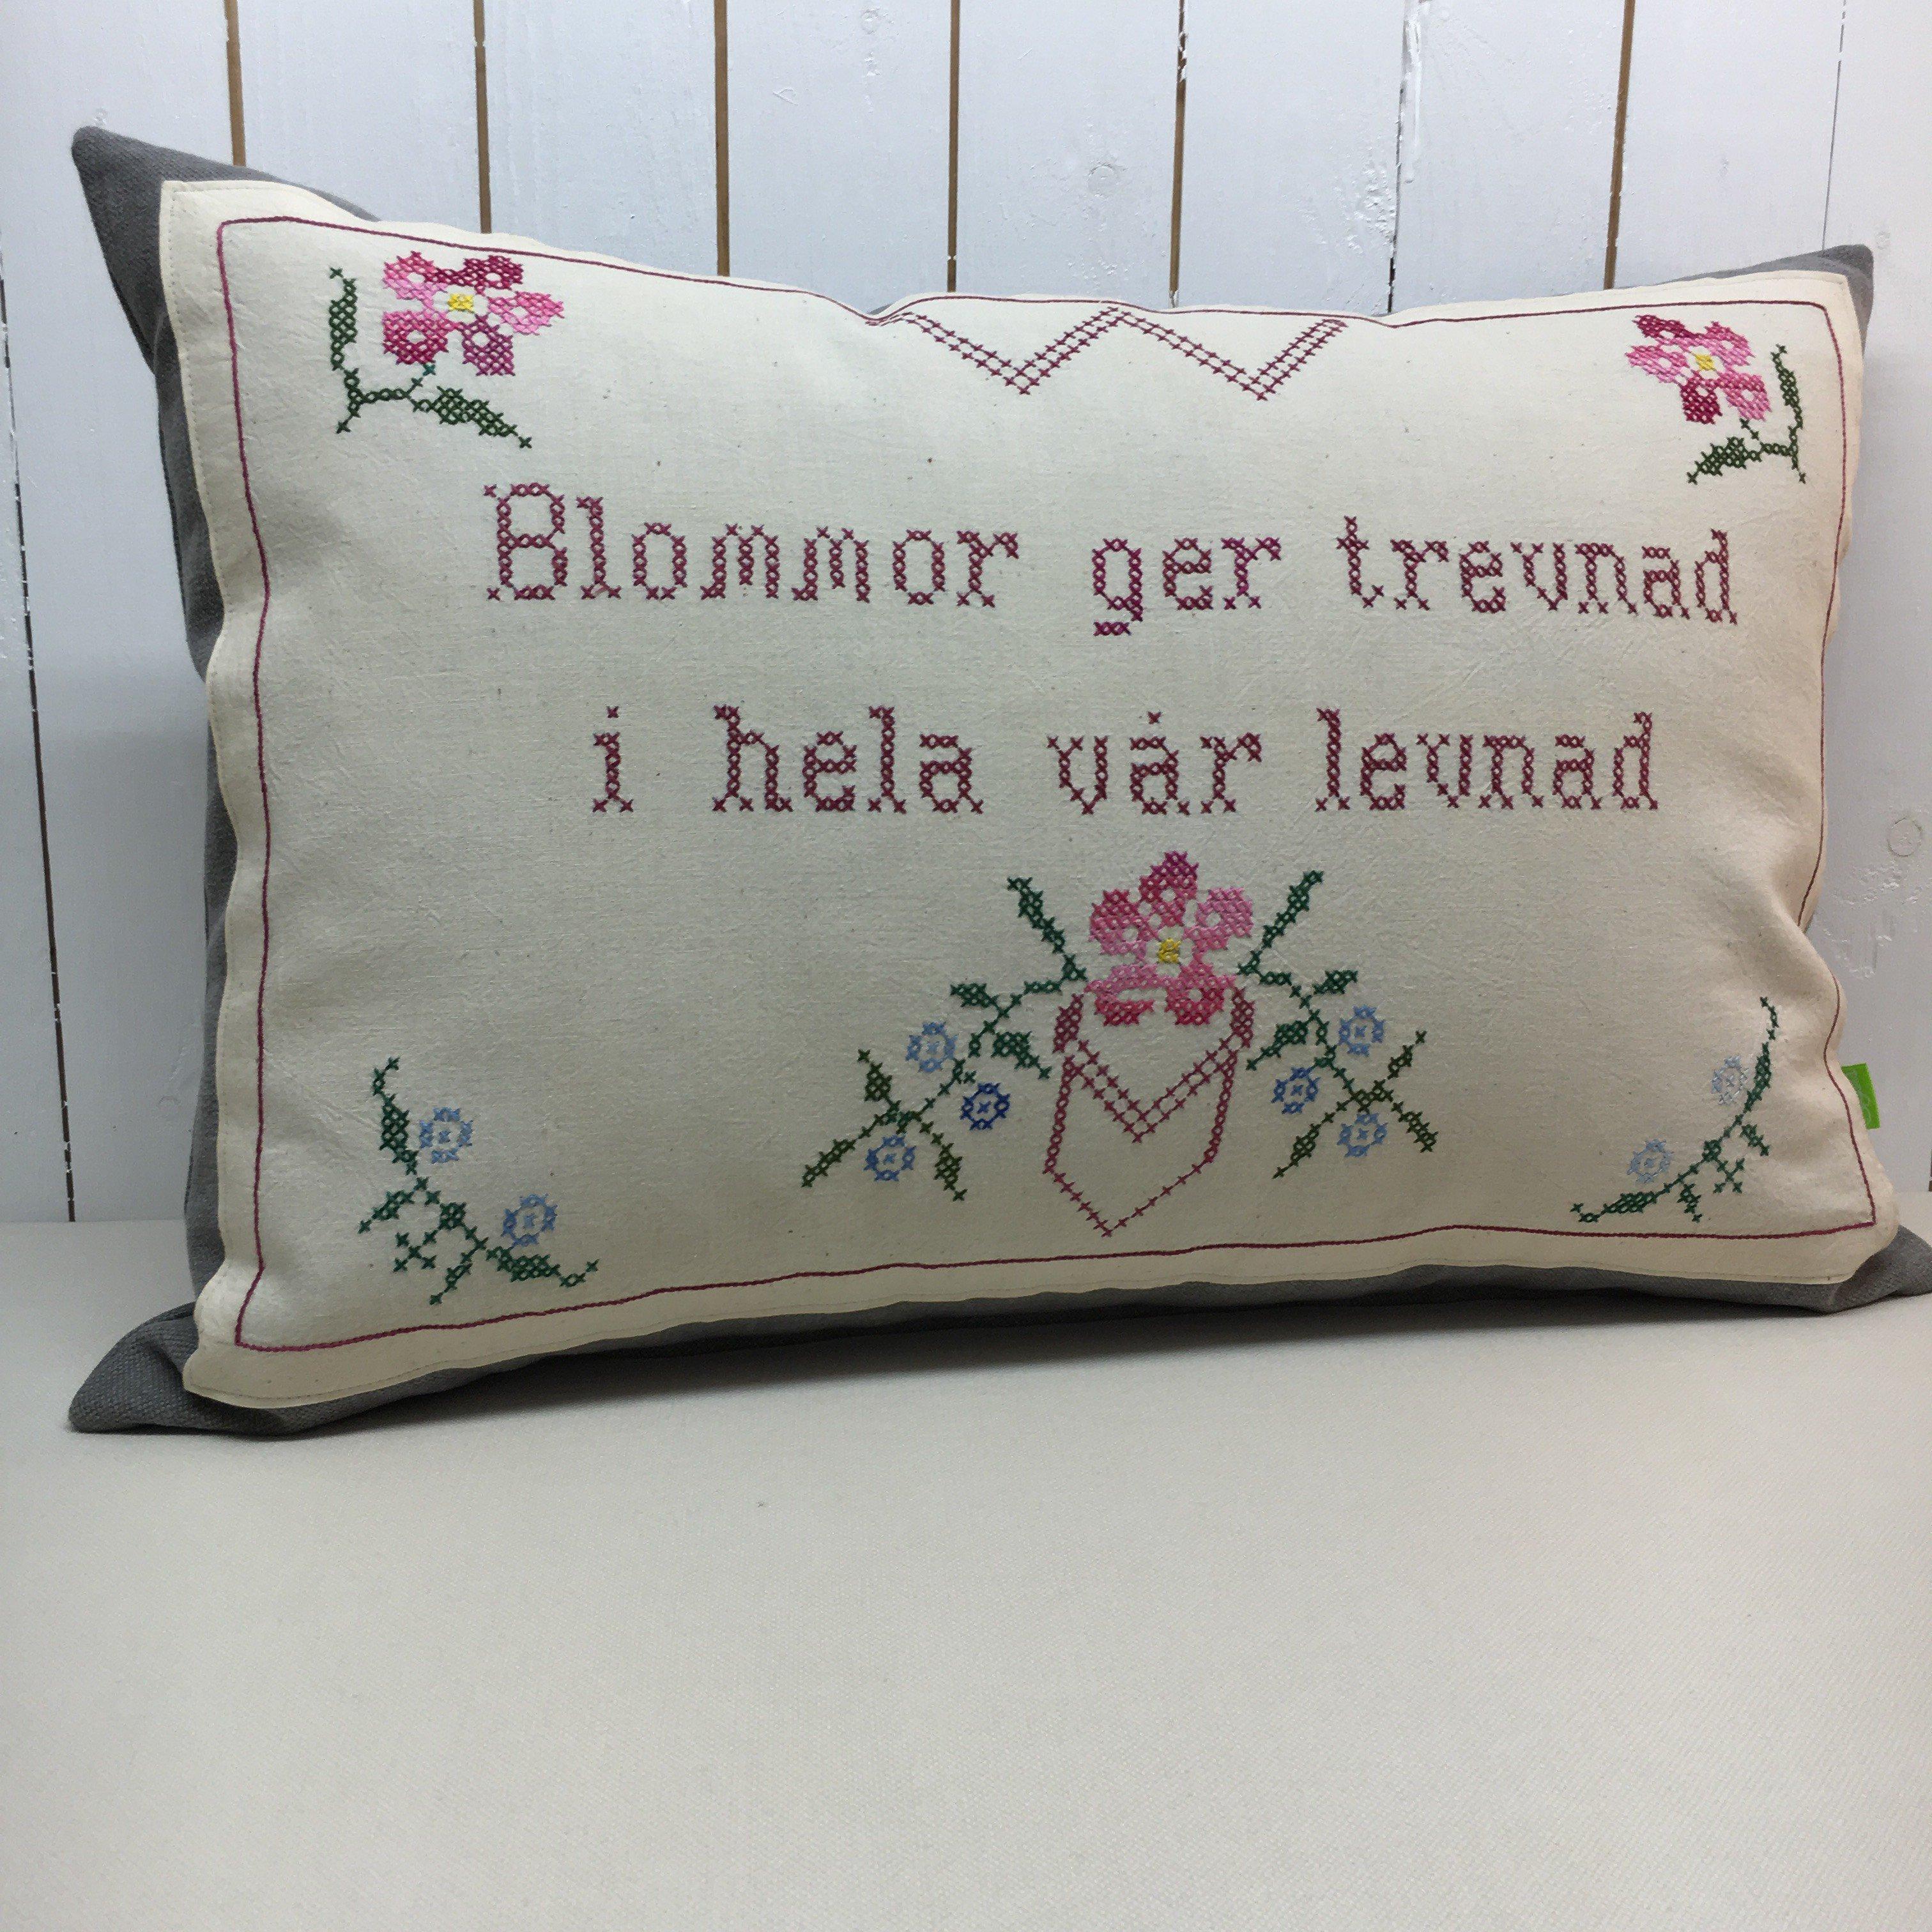 Bonadskudde Blommor ger trevnad